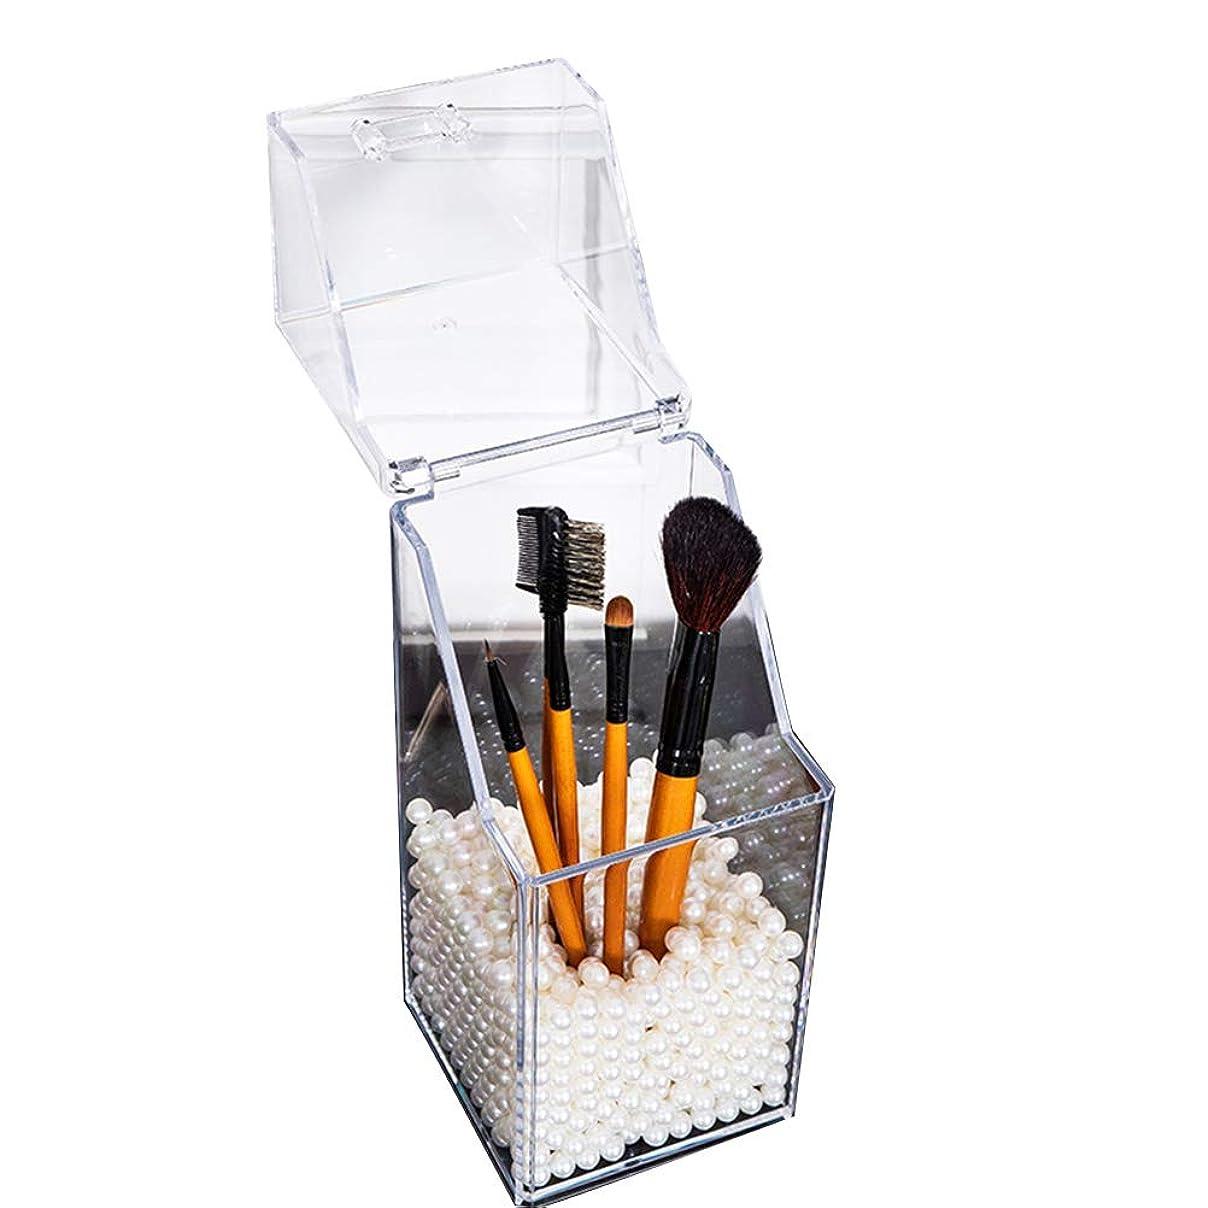 限定食用教育[YEMOCILE] メイクボックス レディース ふた付き メイクブラシ 化粧品入れ 収納 透明 引き出し小物 アクリル製 真珠 高品質 ホワイト